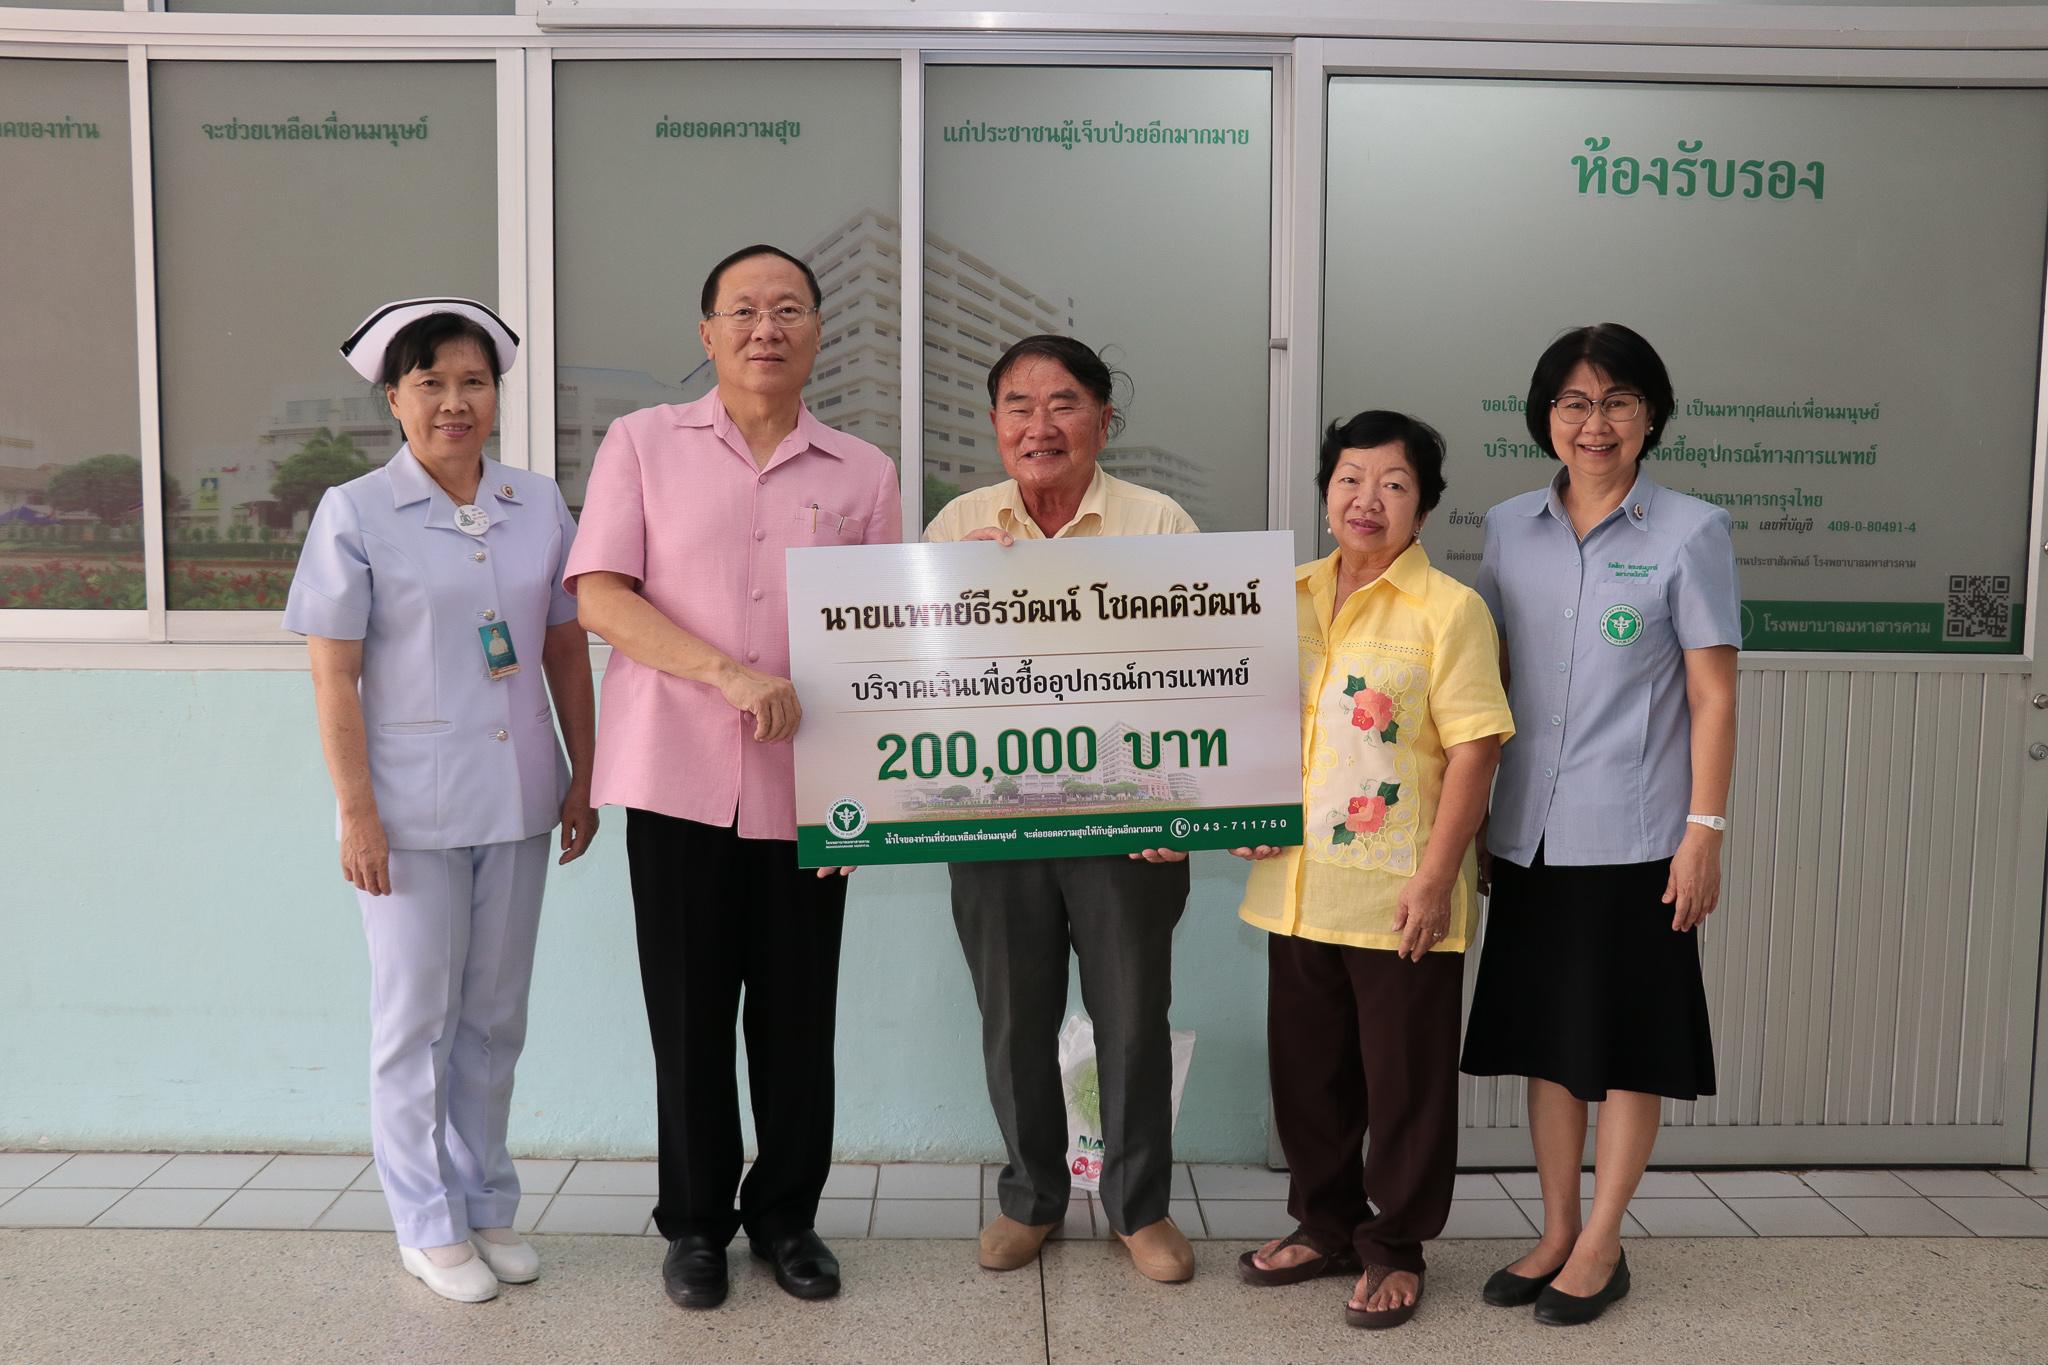 นายแพทย์ธีรวัฒน์ โชคคติวัฒน์ บริจาคเงิน 200,000 บาท จัดซื้ออุปกรณ์การแพทย์ ให้แก่โรงพยาบาลมหาสารคาม